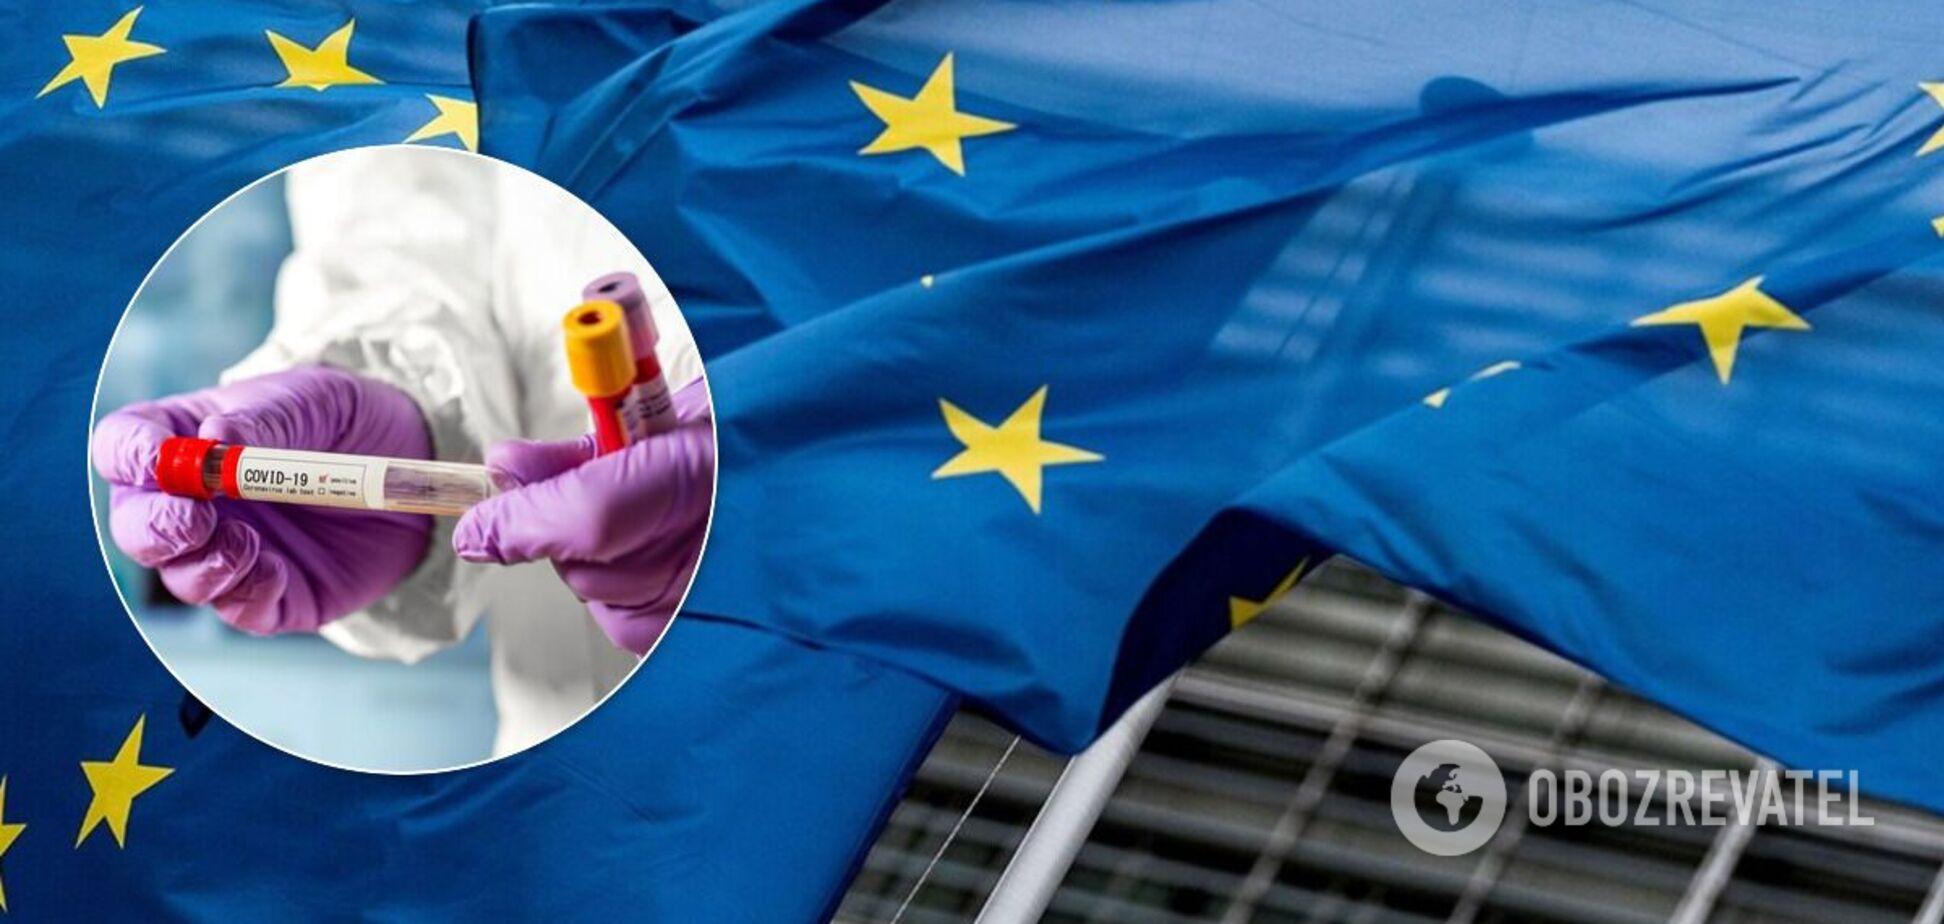 Єврокомісарка про другу хвилю COVID-19: ситуація вже гірша, ніж у березні